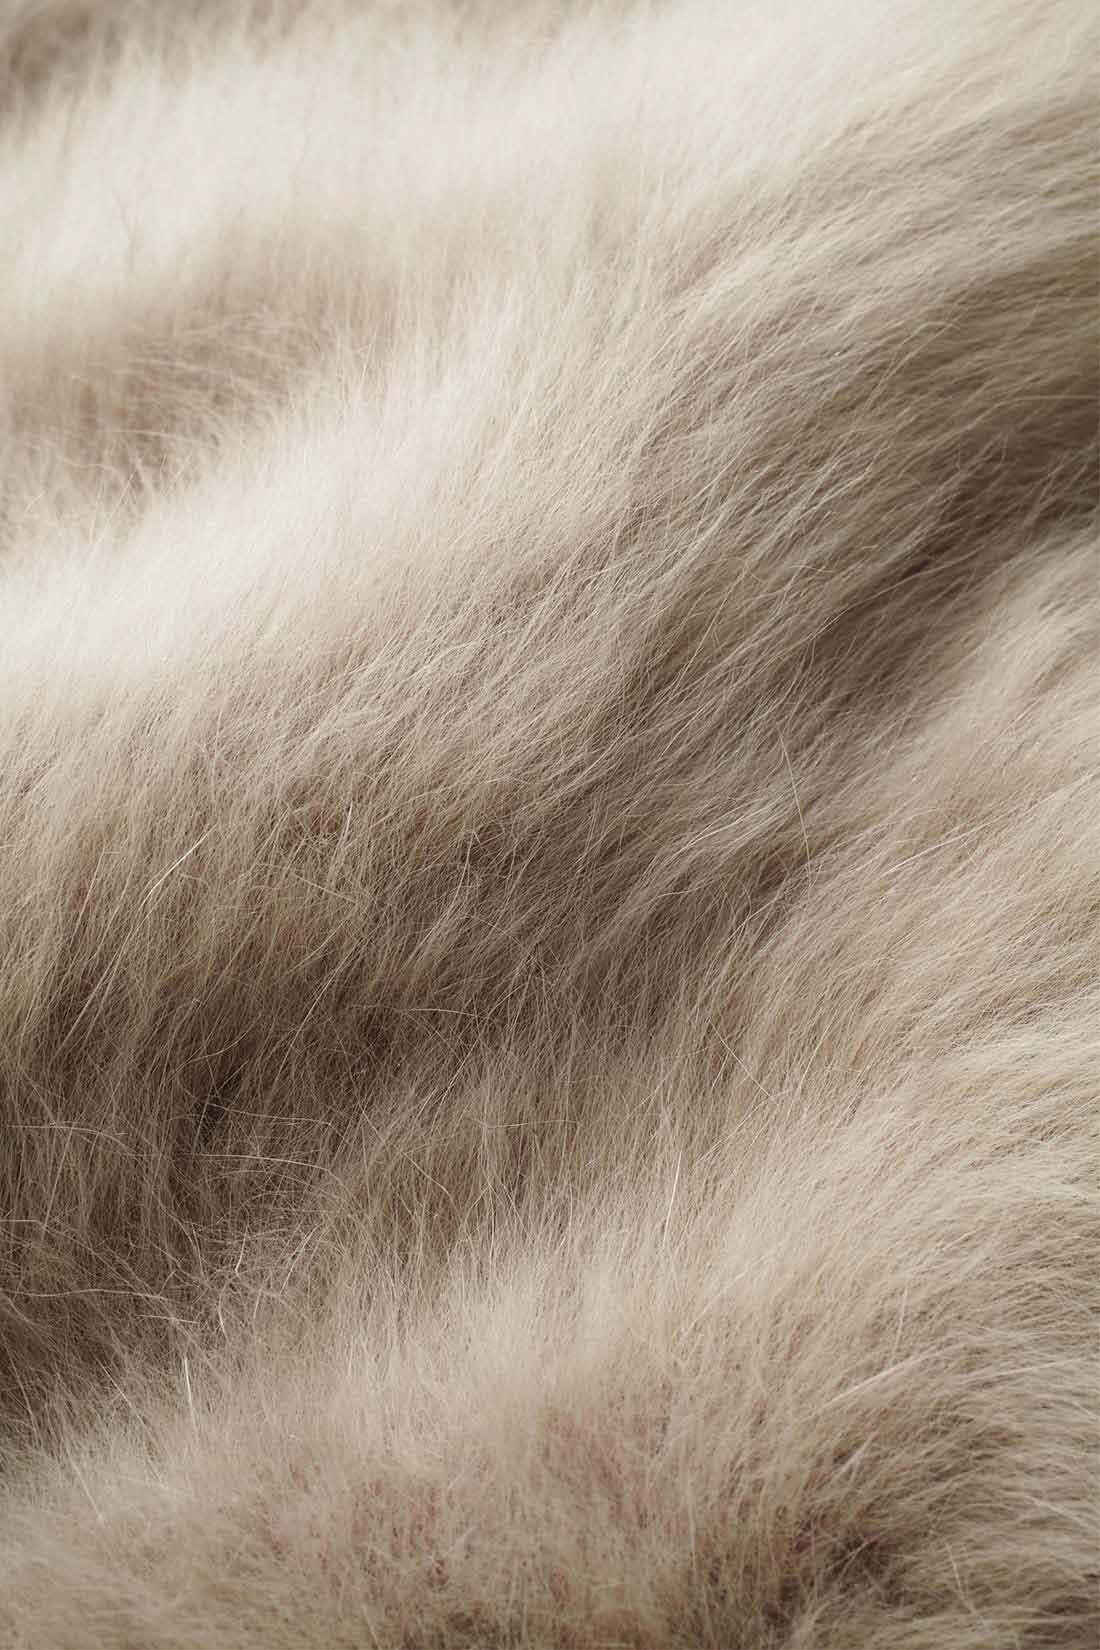 やわらかく上品な肌ざわり シャギー感たっぷりでふわふわな、アンゴラ混。見ためにも高級感があり、軽量で保温性にもすぐれた冬にぴったりの素材。 ※お届けするカラーとは異なります。